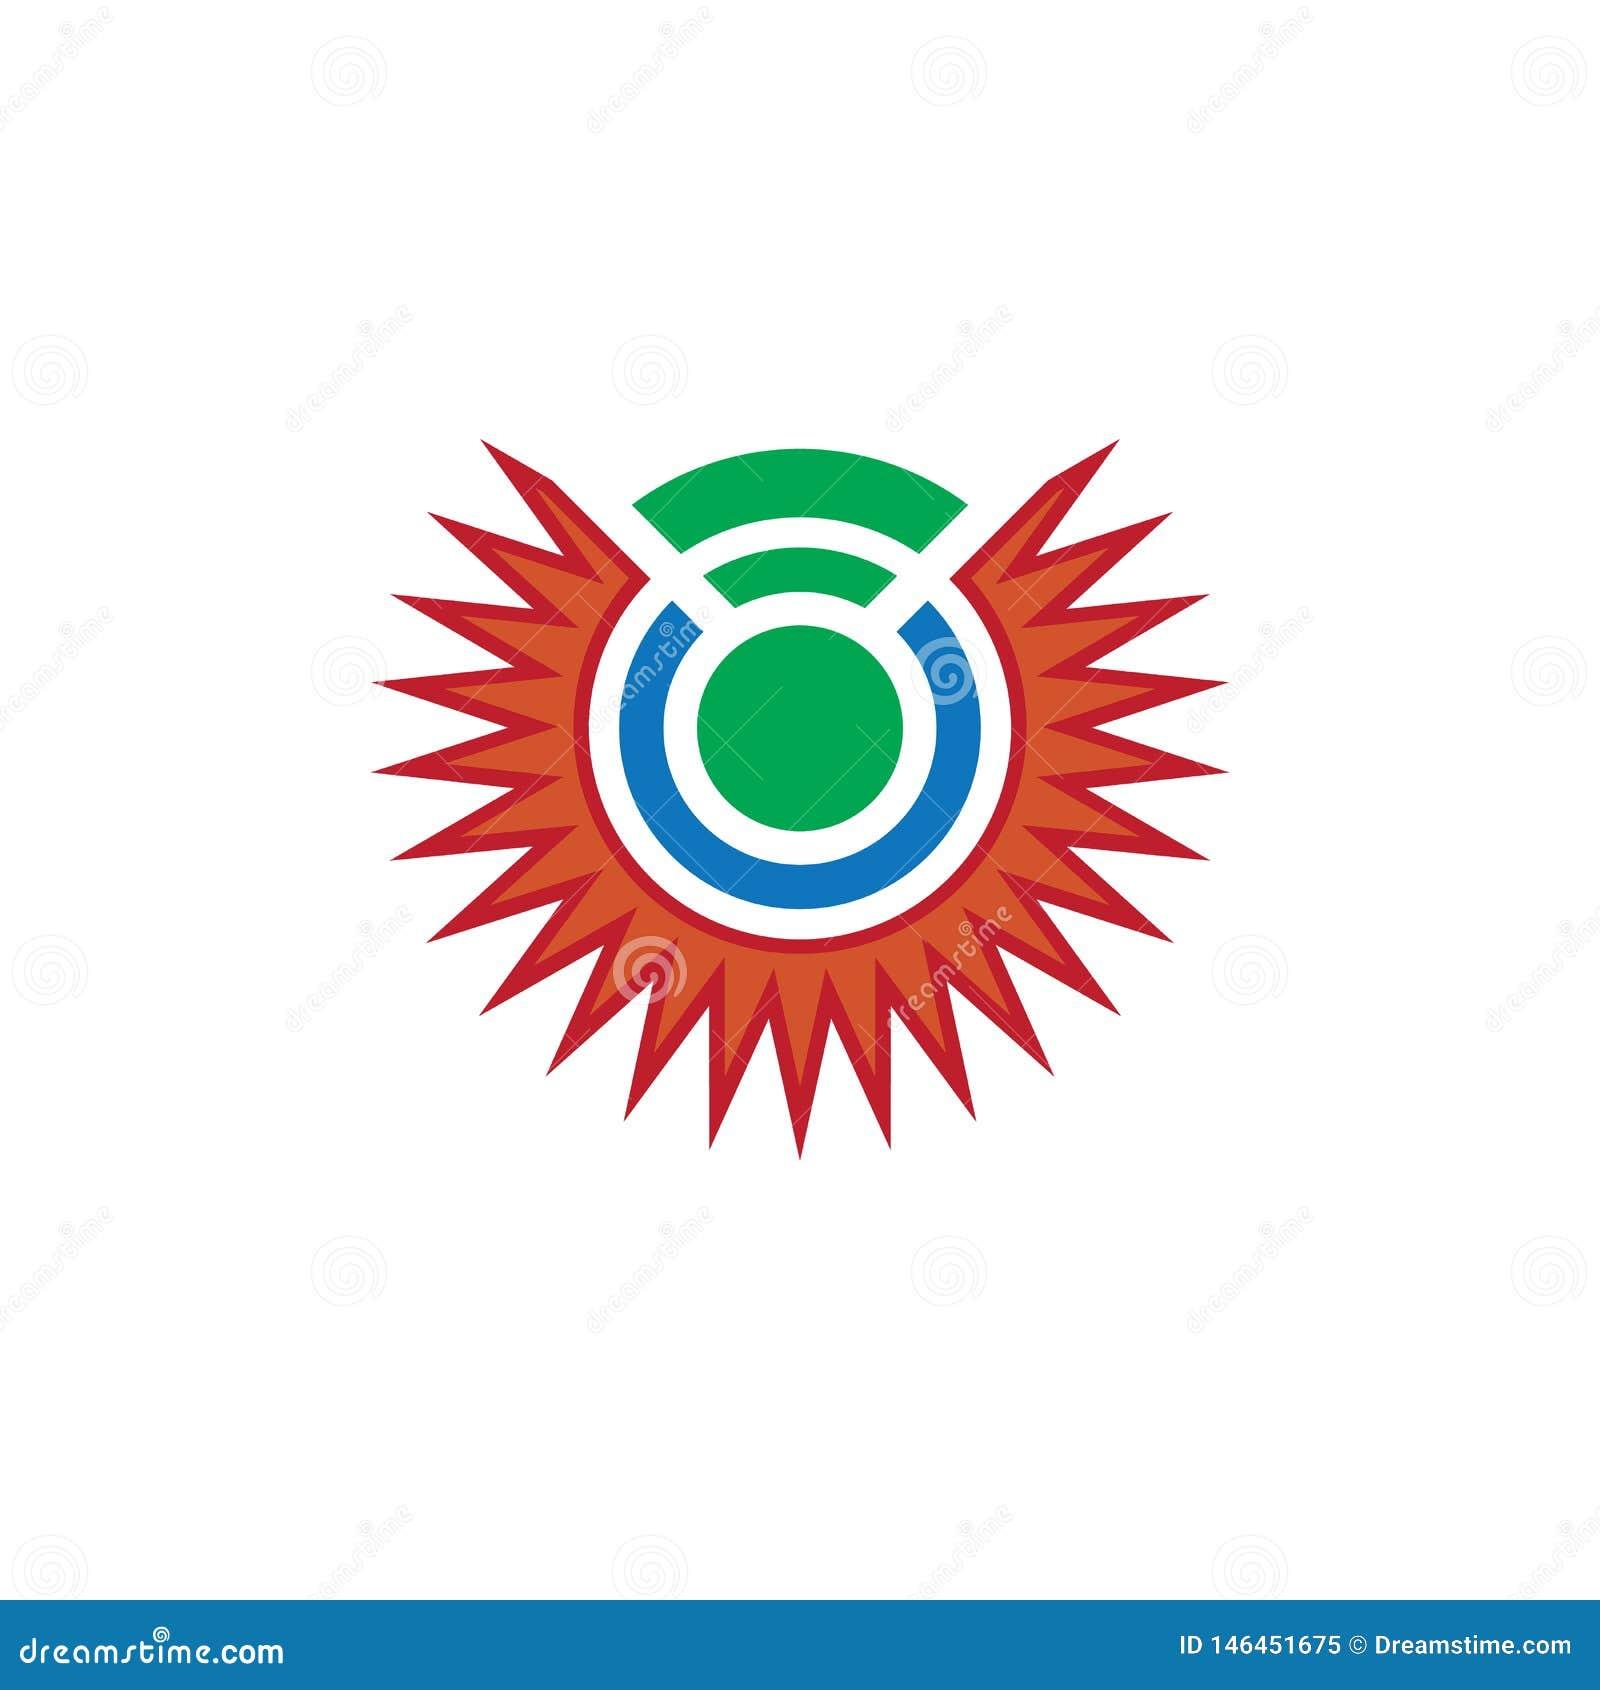 Abstract sun network logo Design